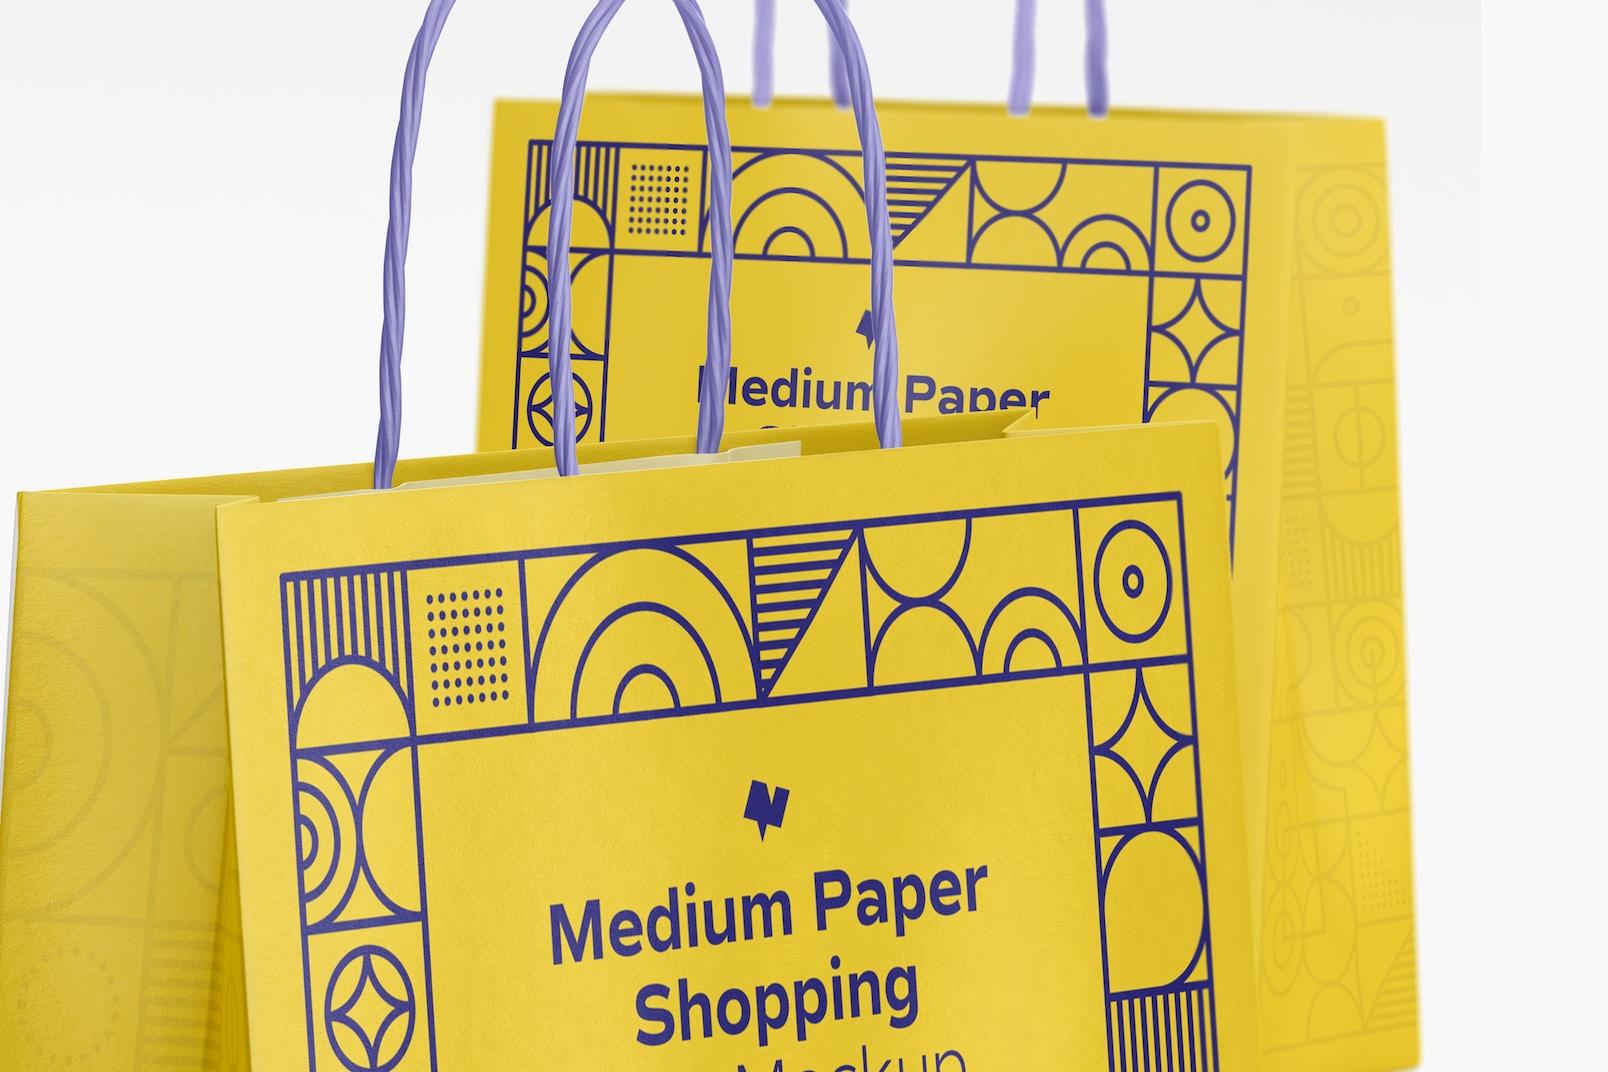 Medium Paper Shopping Bag Mockup, Close Up